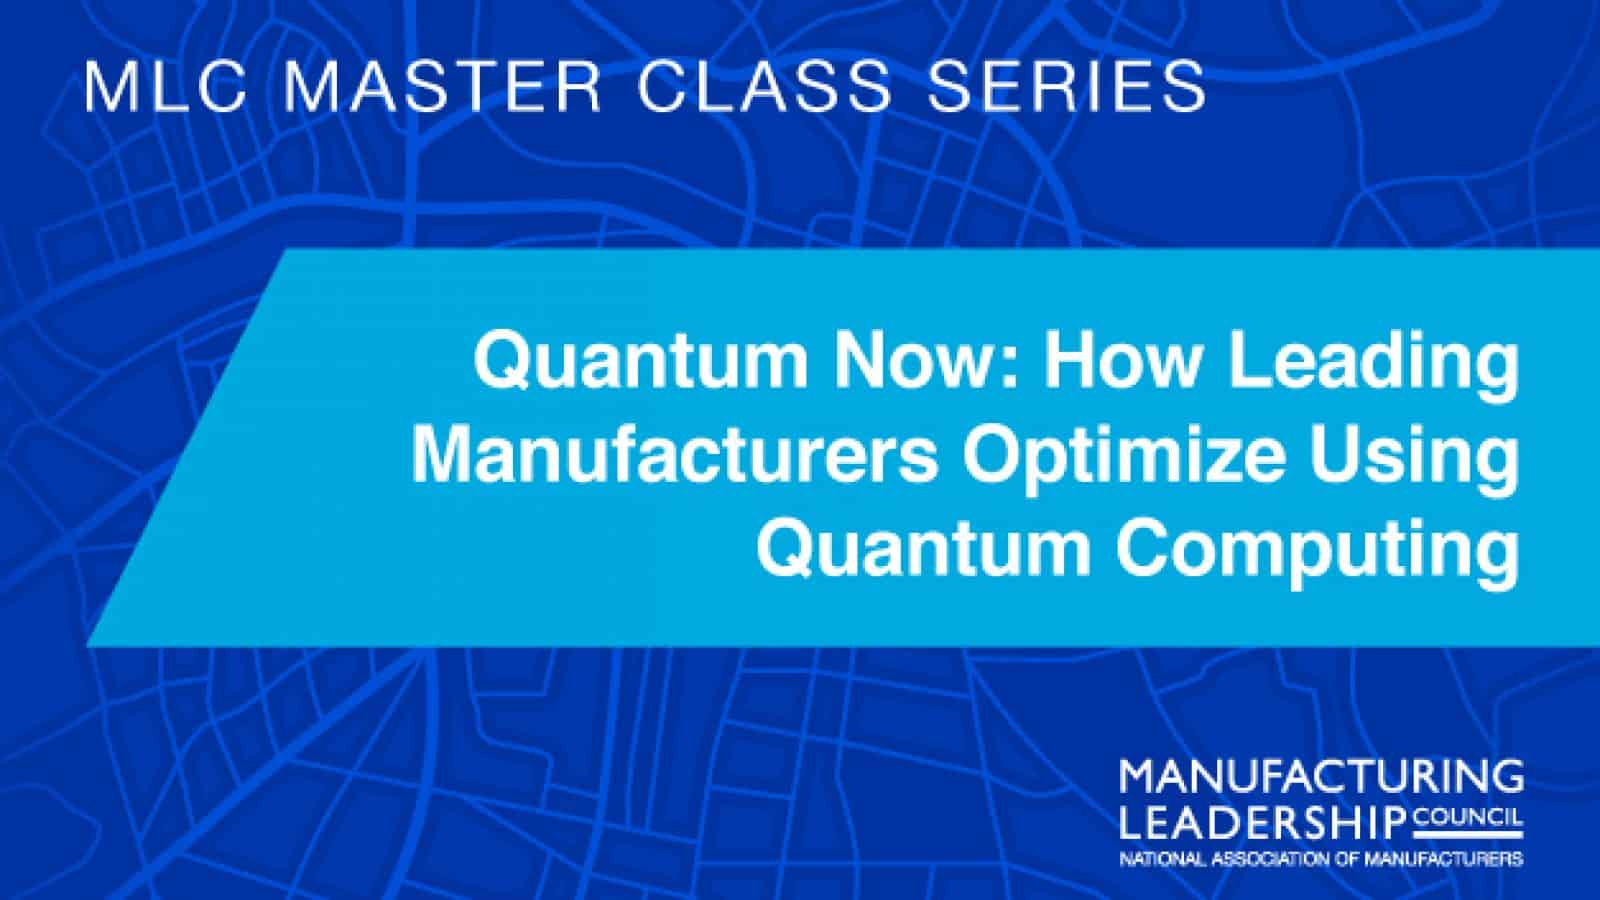 Quantum Now: How Leading Manufacturers Optimize Using Quantum Computing